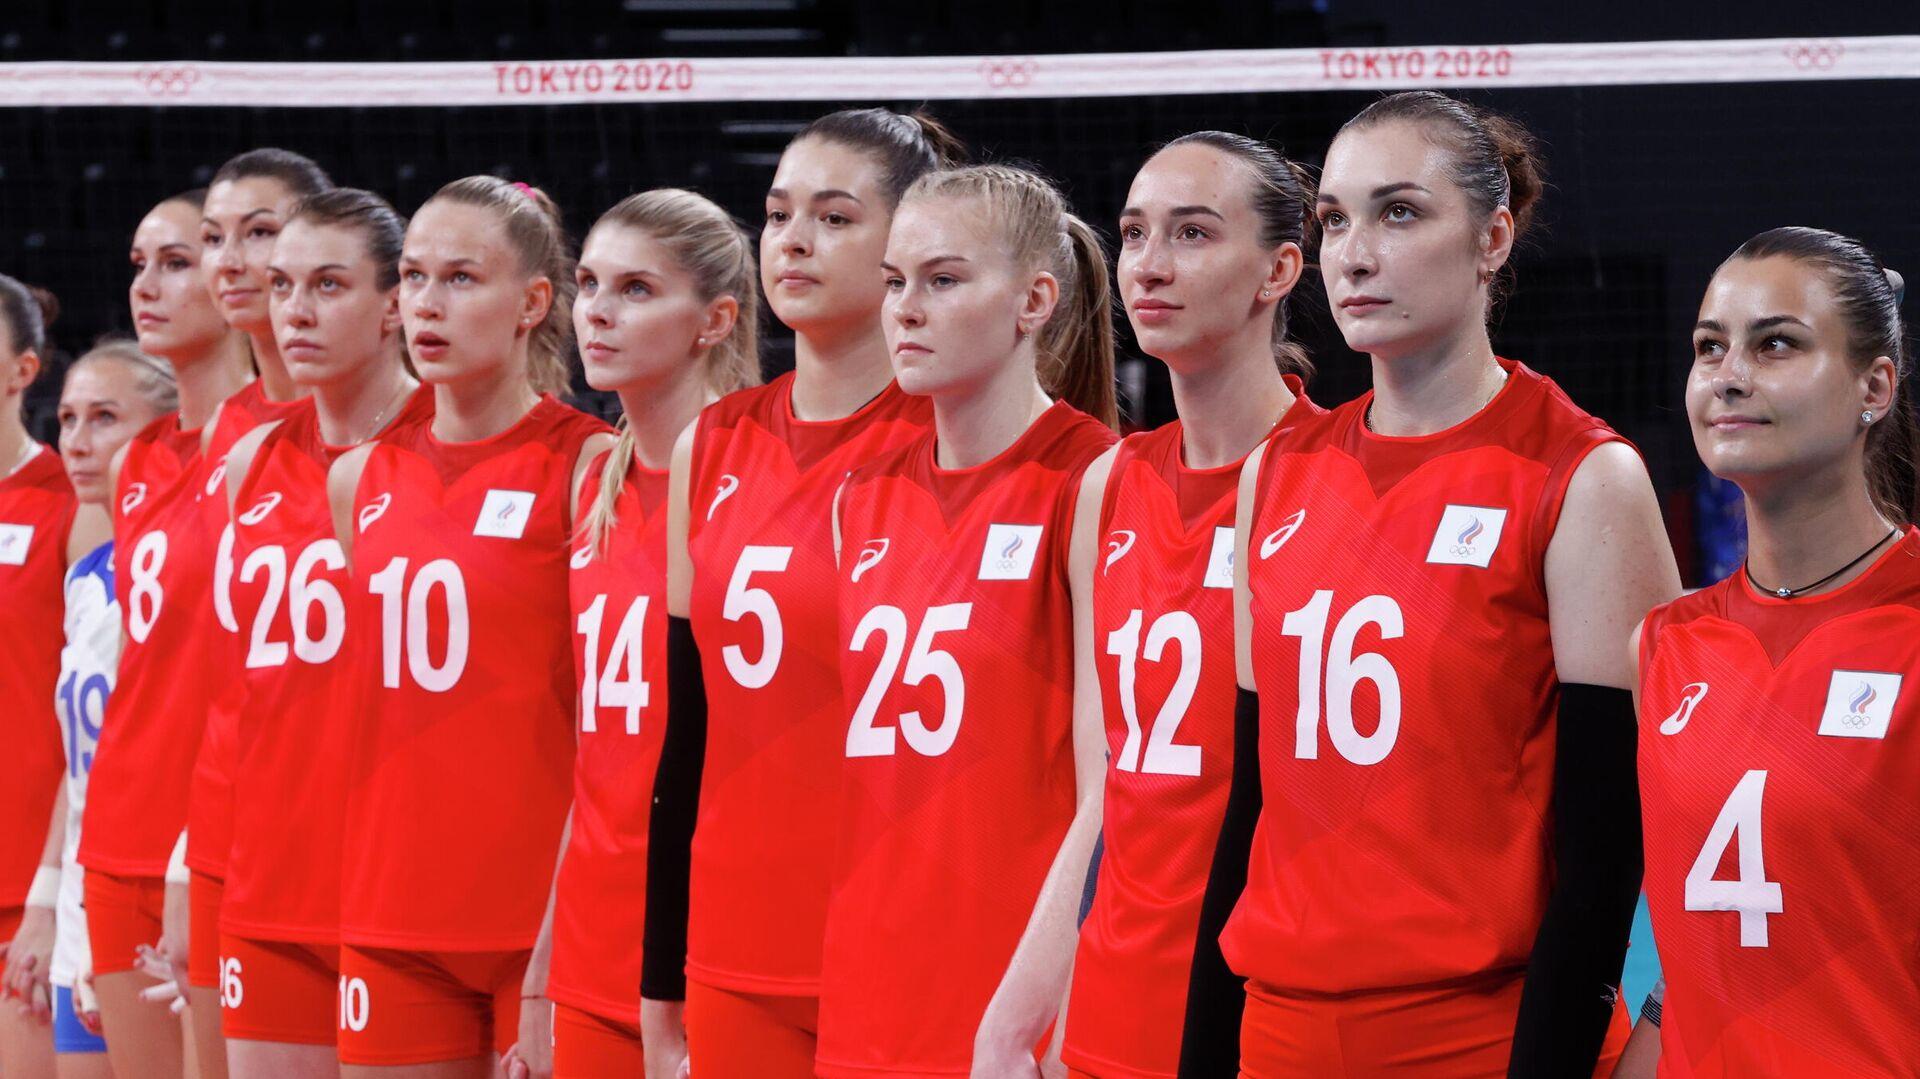 Женская сборная России по волейболу на Олимпиаде в Токио - РИА Новости, 1920, 20.08.2021